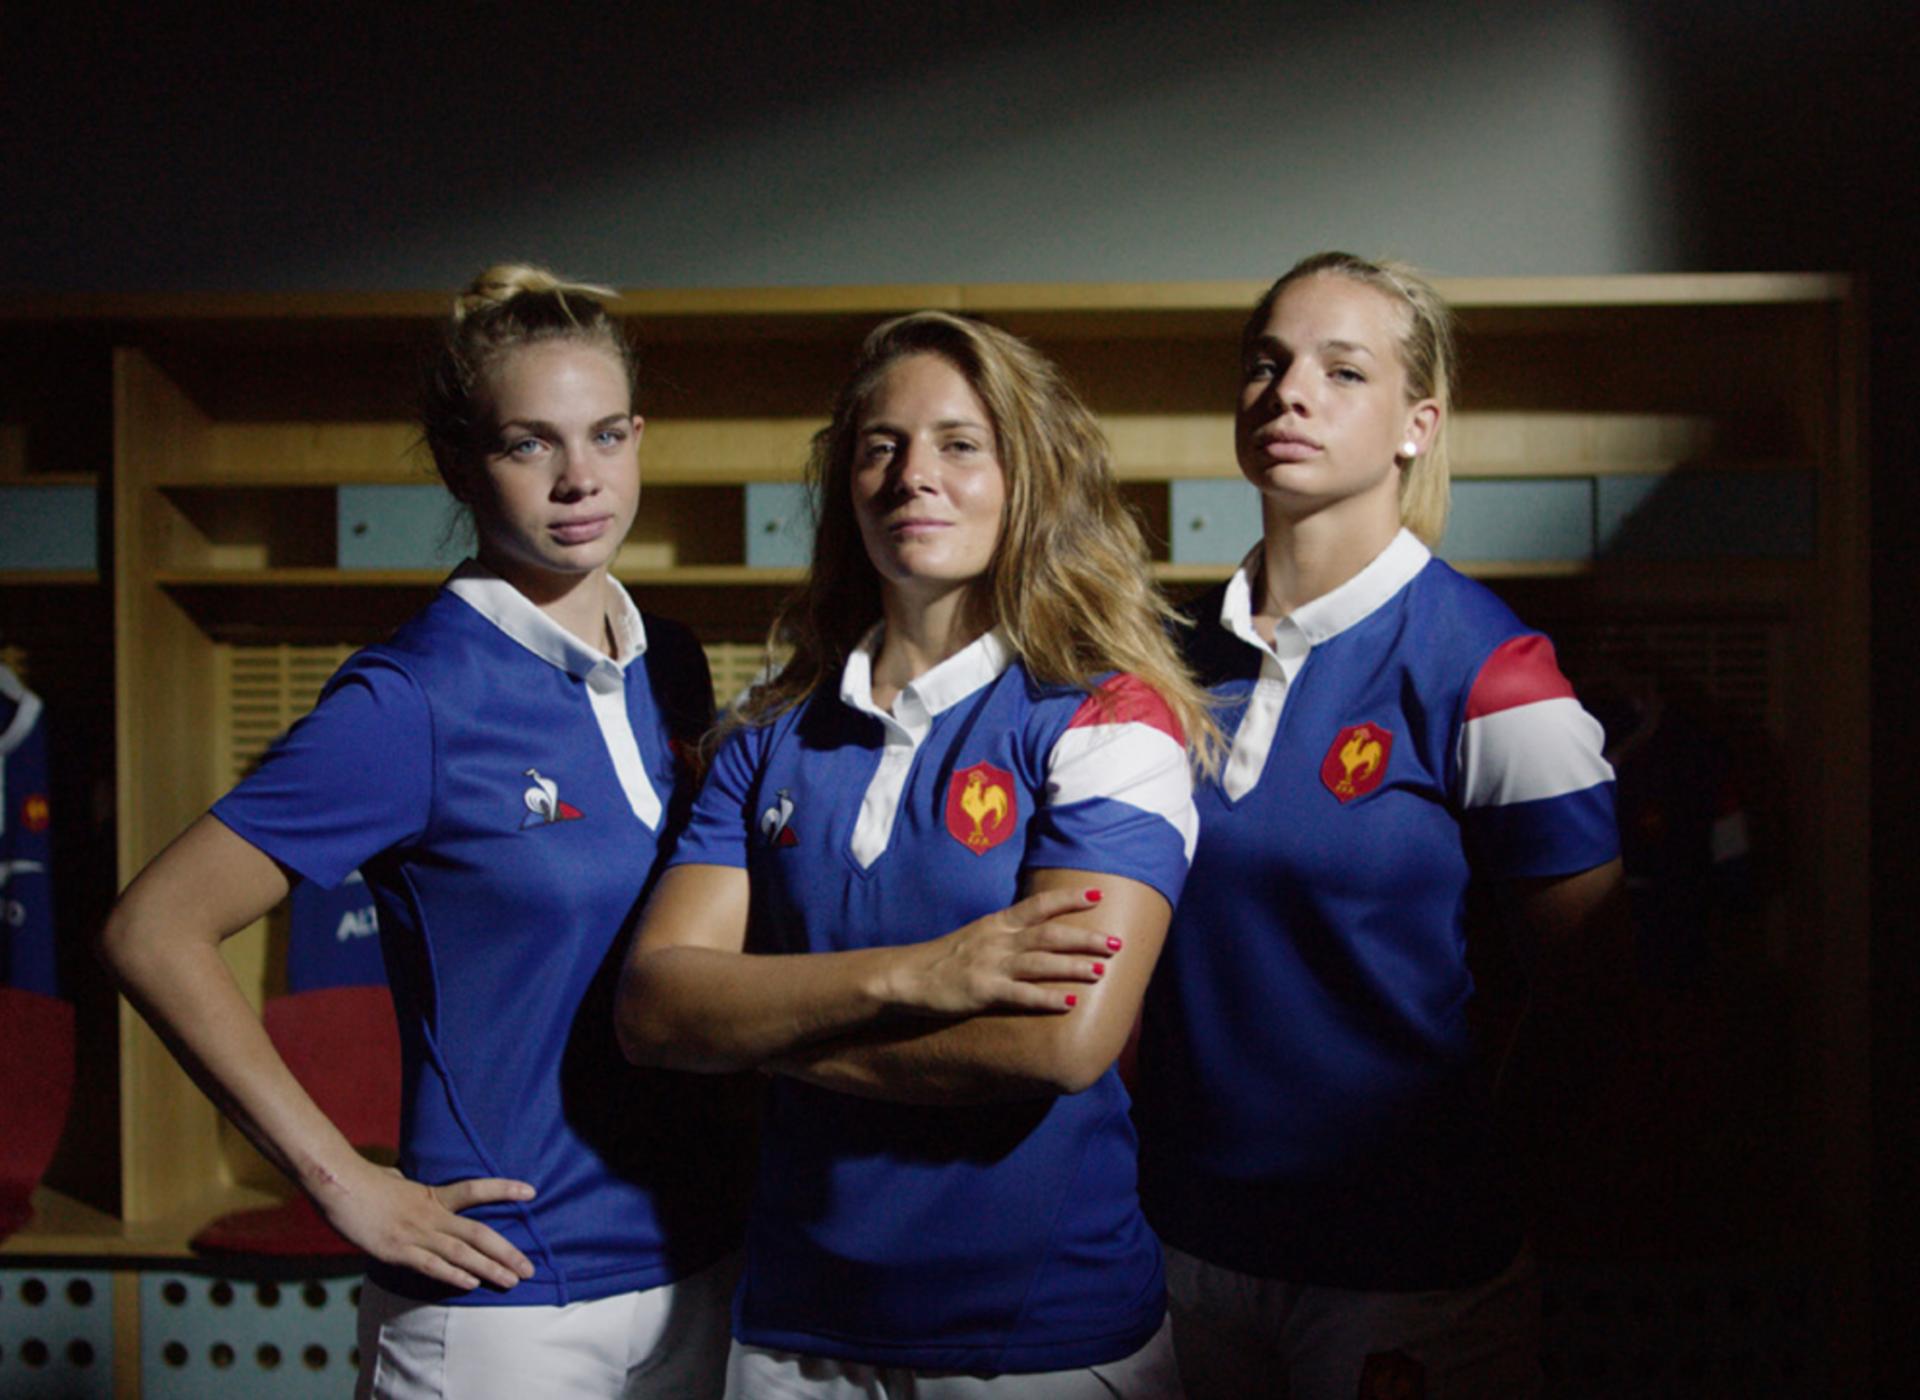 Beside Sport - «Sportive is a Lifestyle» par Marjorie Mayans - Marjorie est au centre avec le nouveau maillot de l'équipe de France signé Le Coq Sportif  -